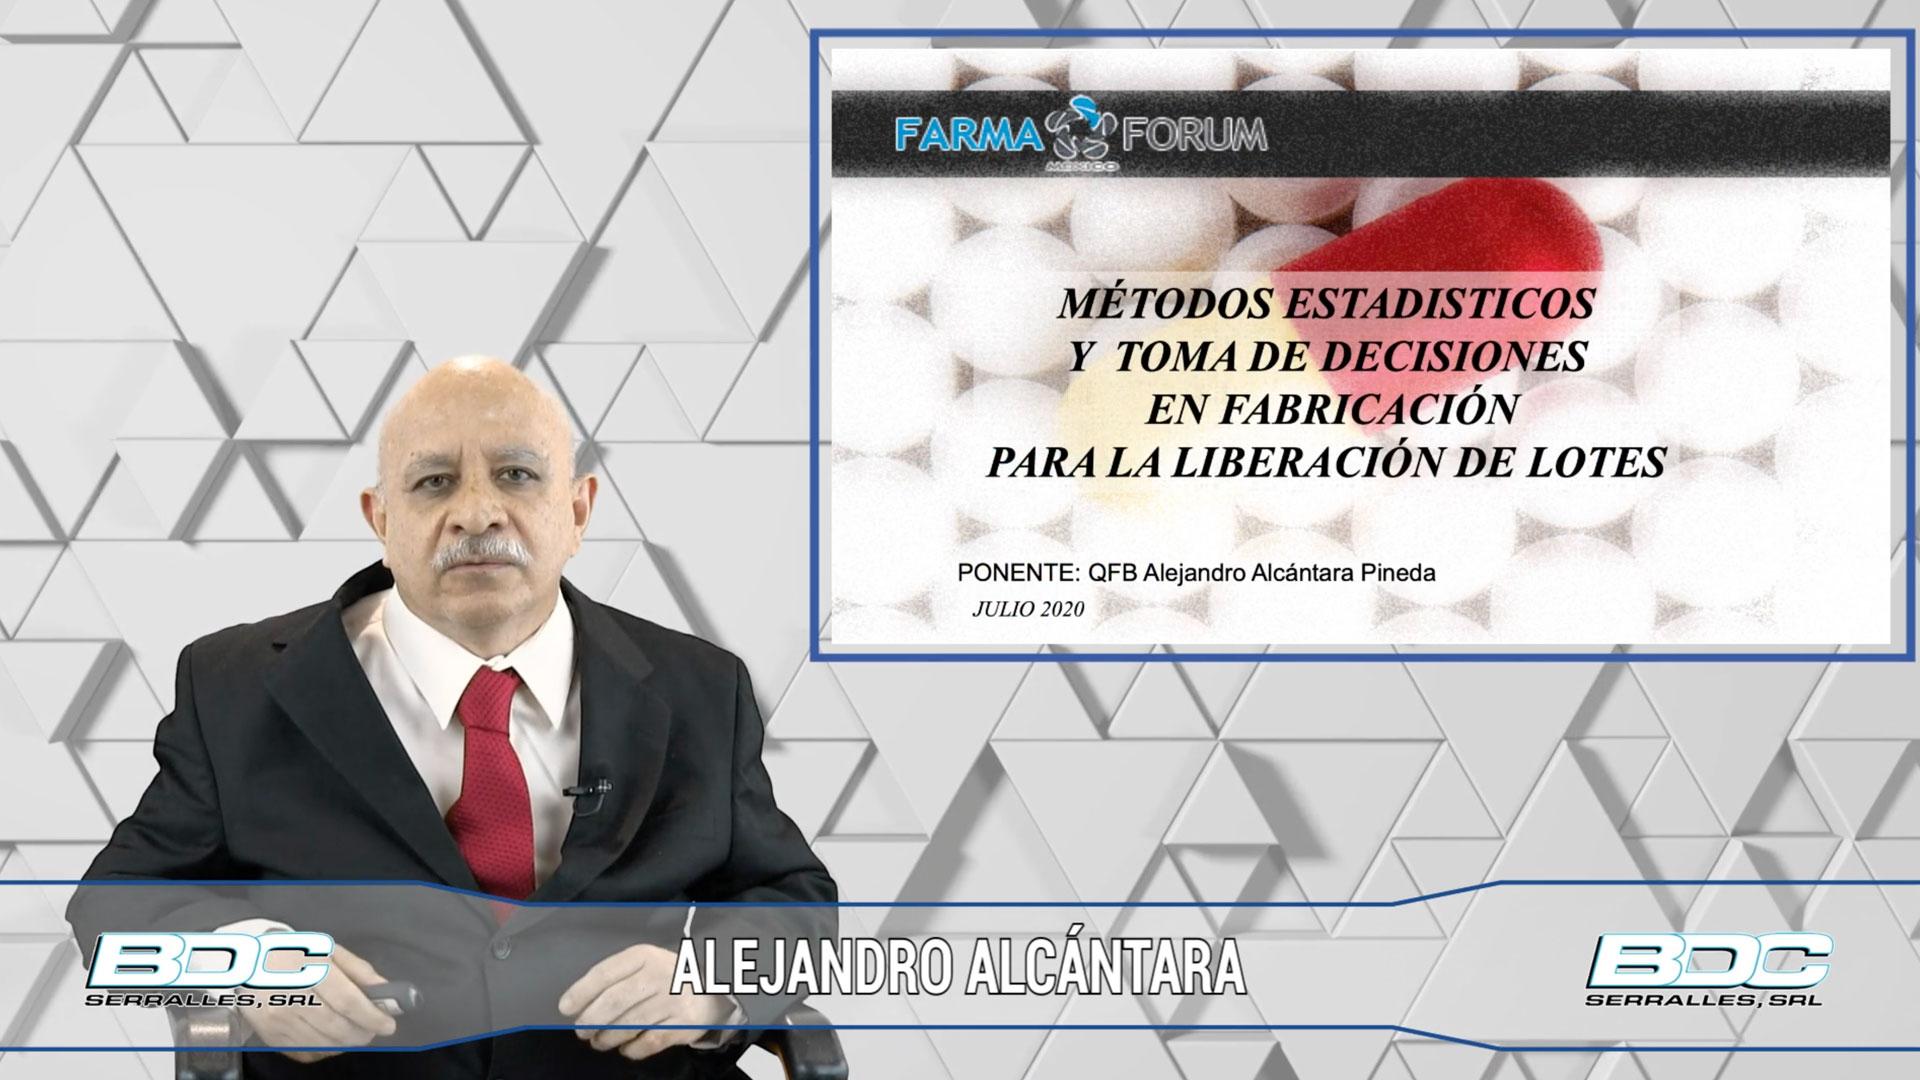 ALEJANDRO ALCÁNTARA - Métodos estadísticos y toma de decisiones en fabricación para la liberación de lotes